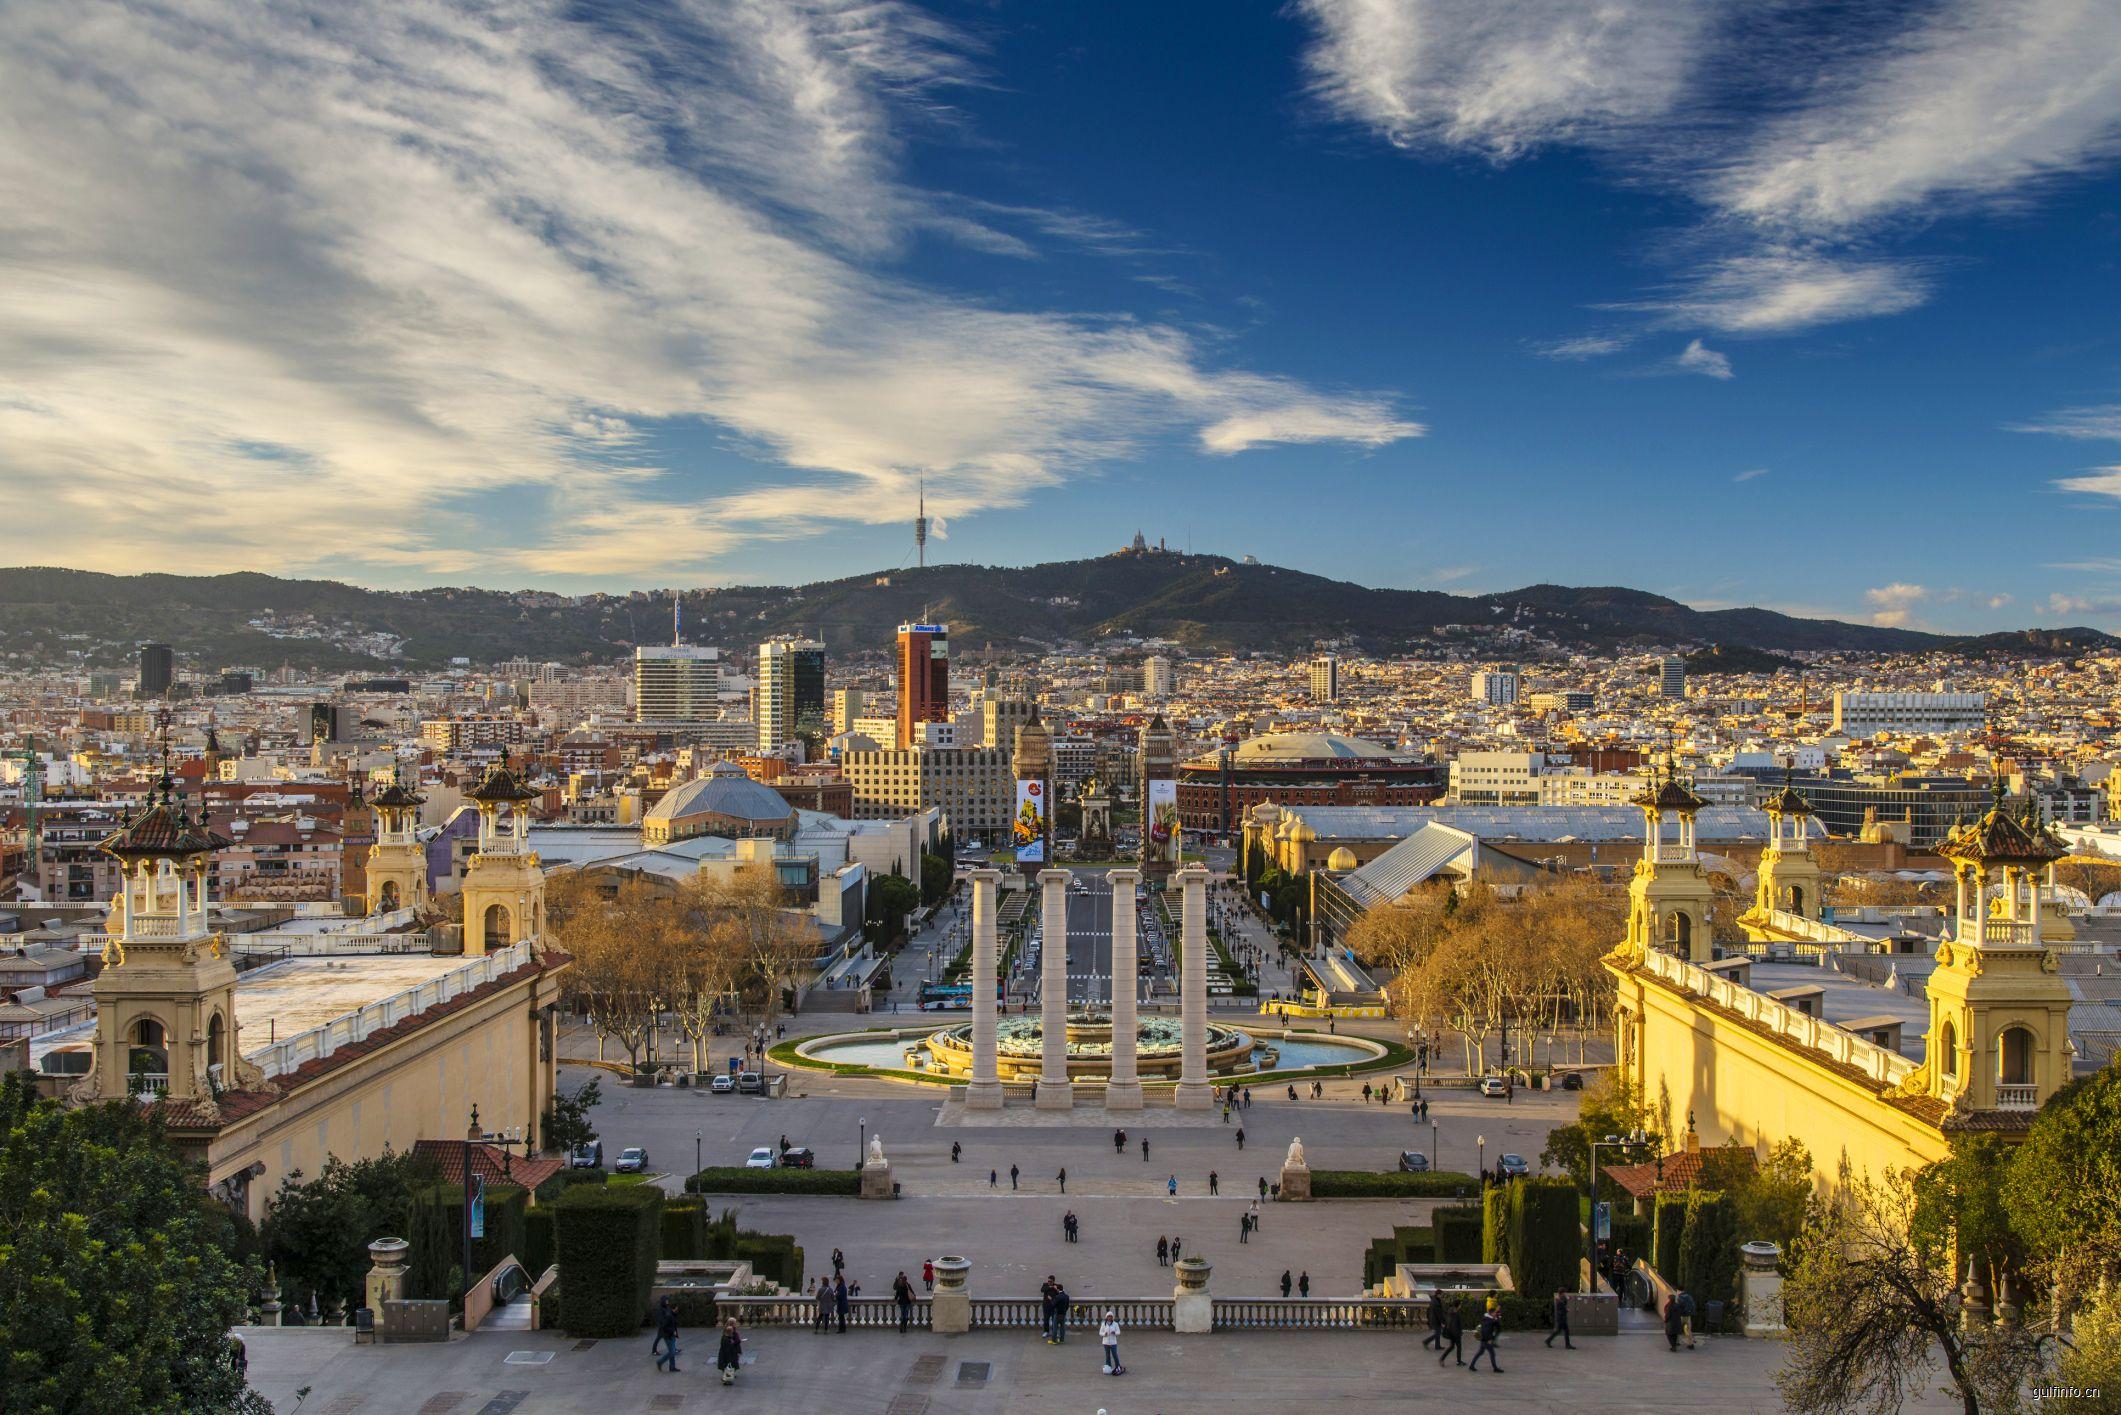 福布斯全球营商环境排名:摩洛哥排非洲第3位